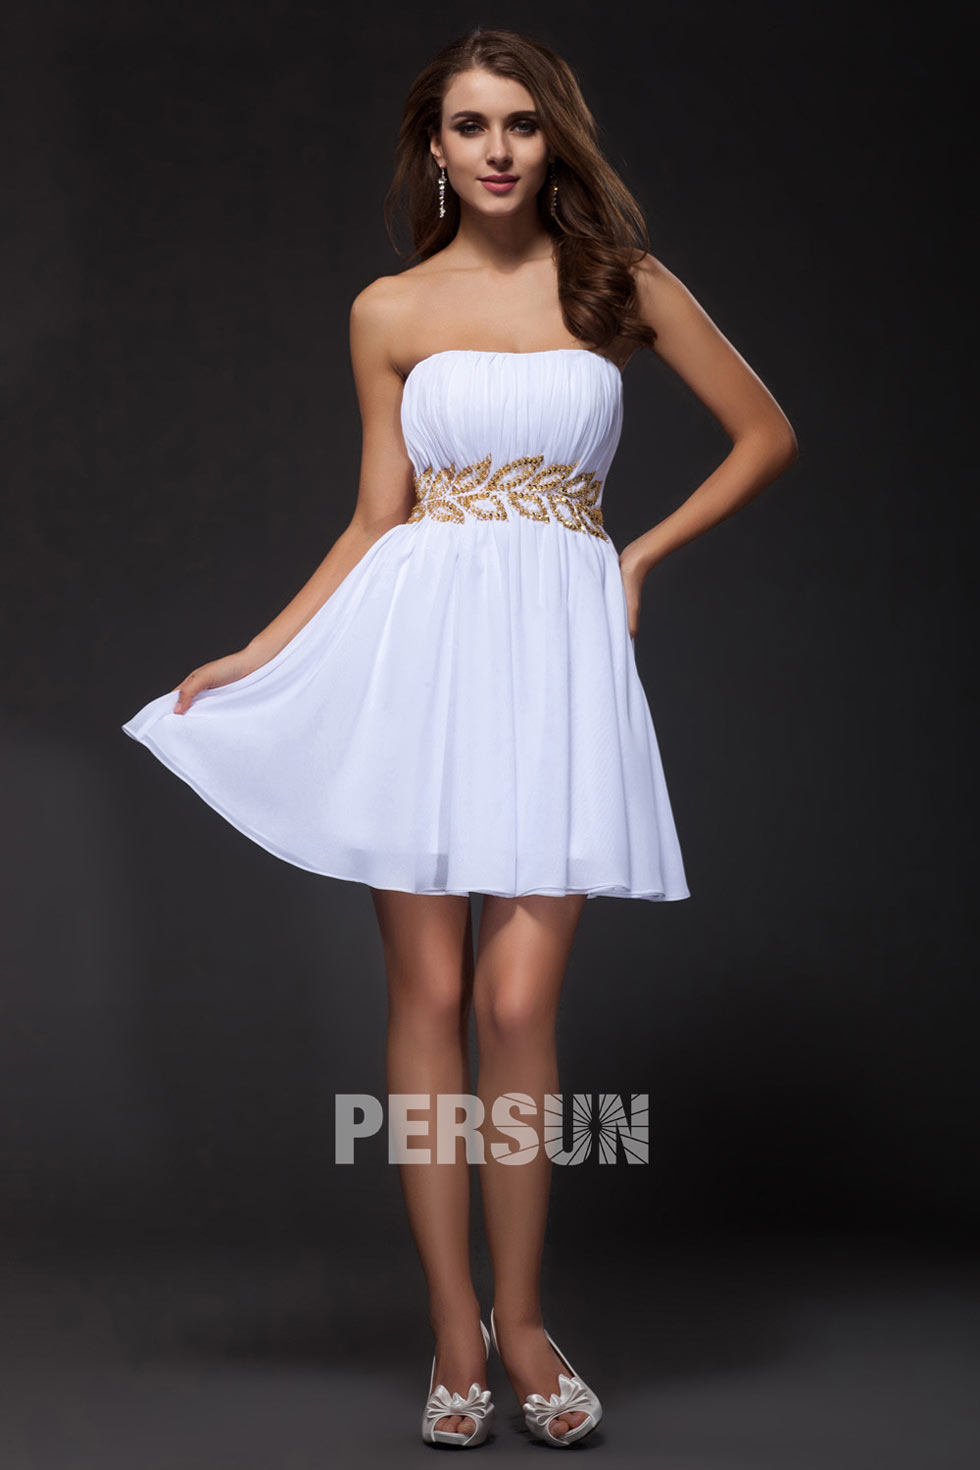 petite robe blanche simple pour la demoiselle d'honneur